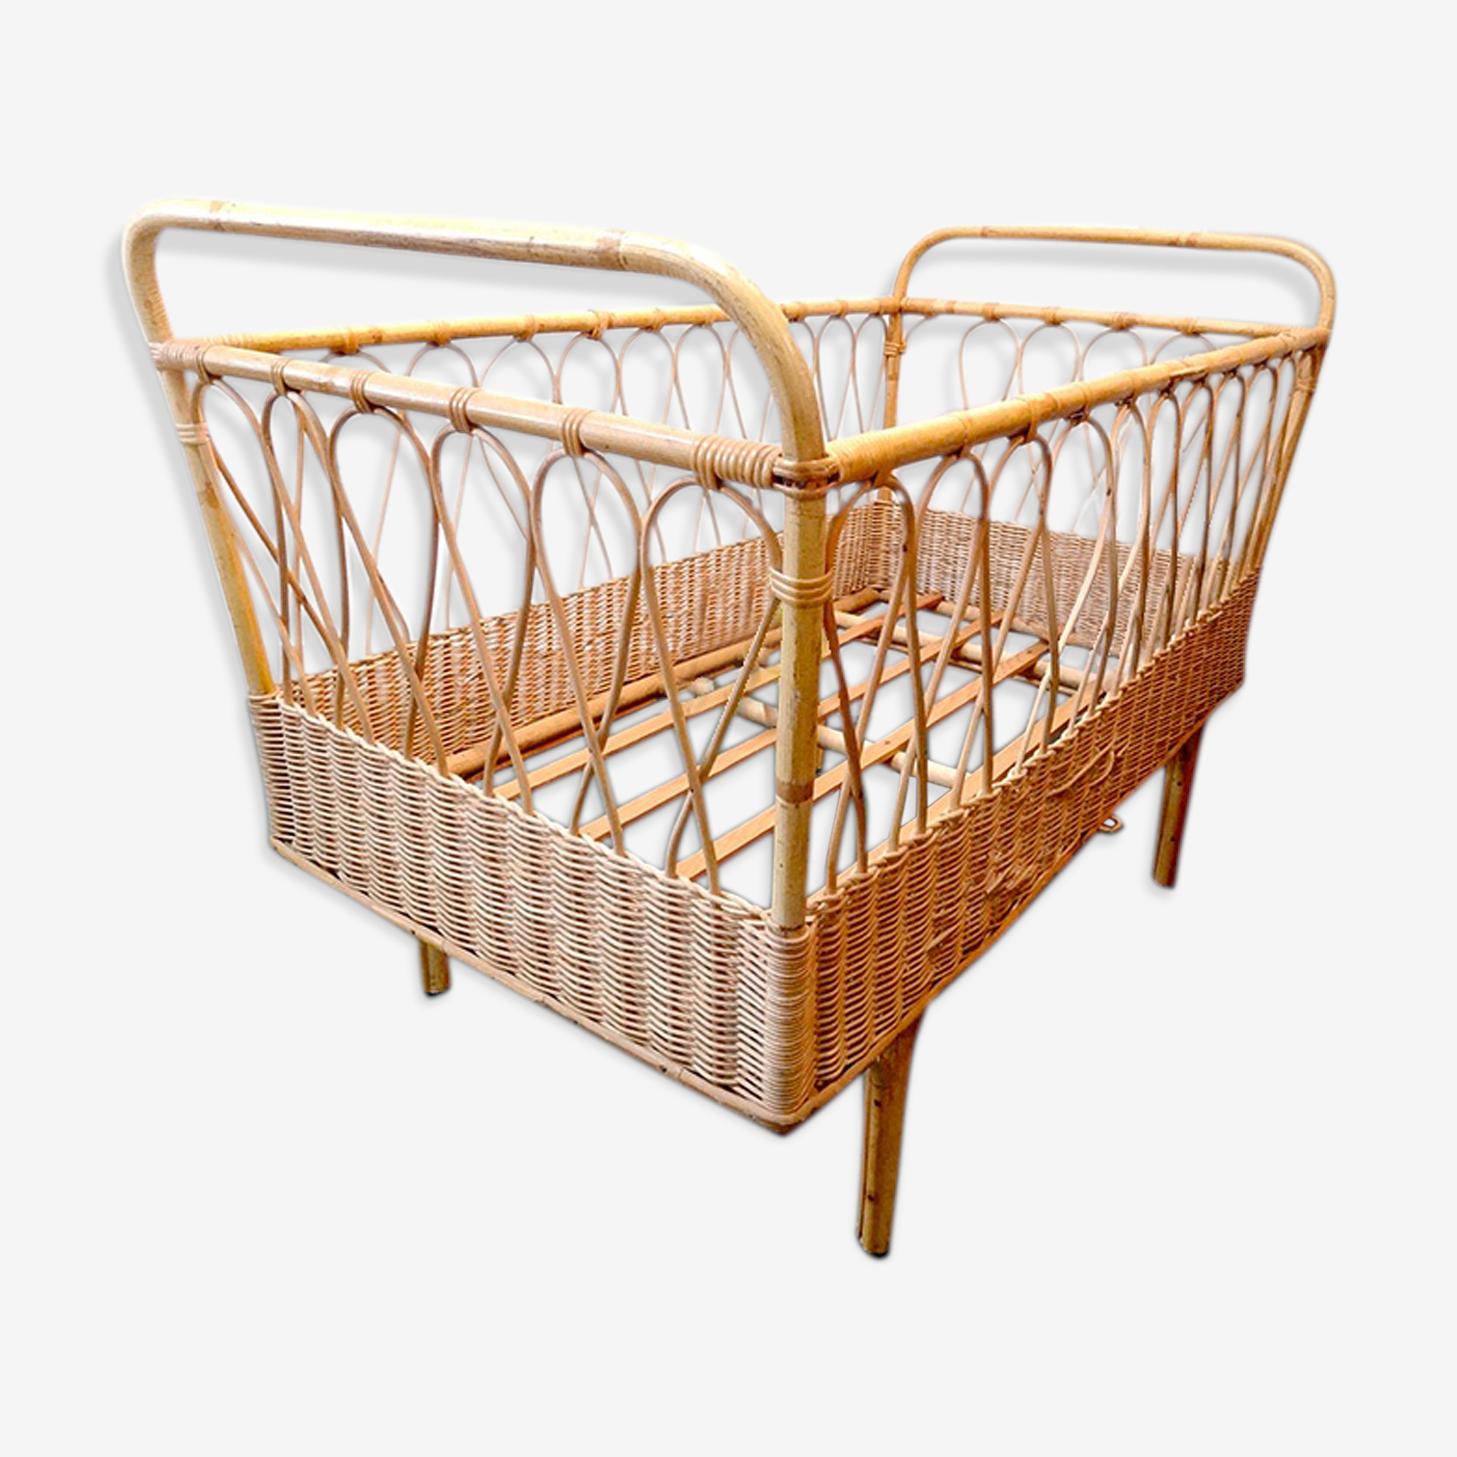 Berceau petit lit enfant design rotin vintage